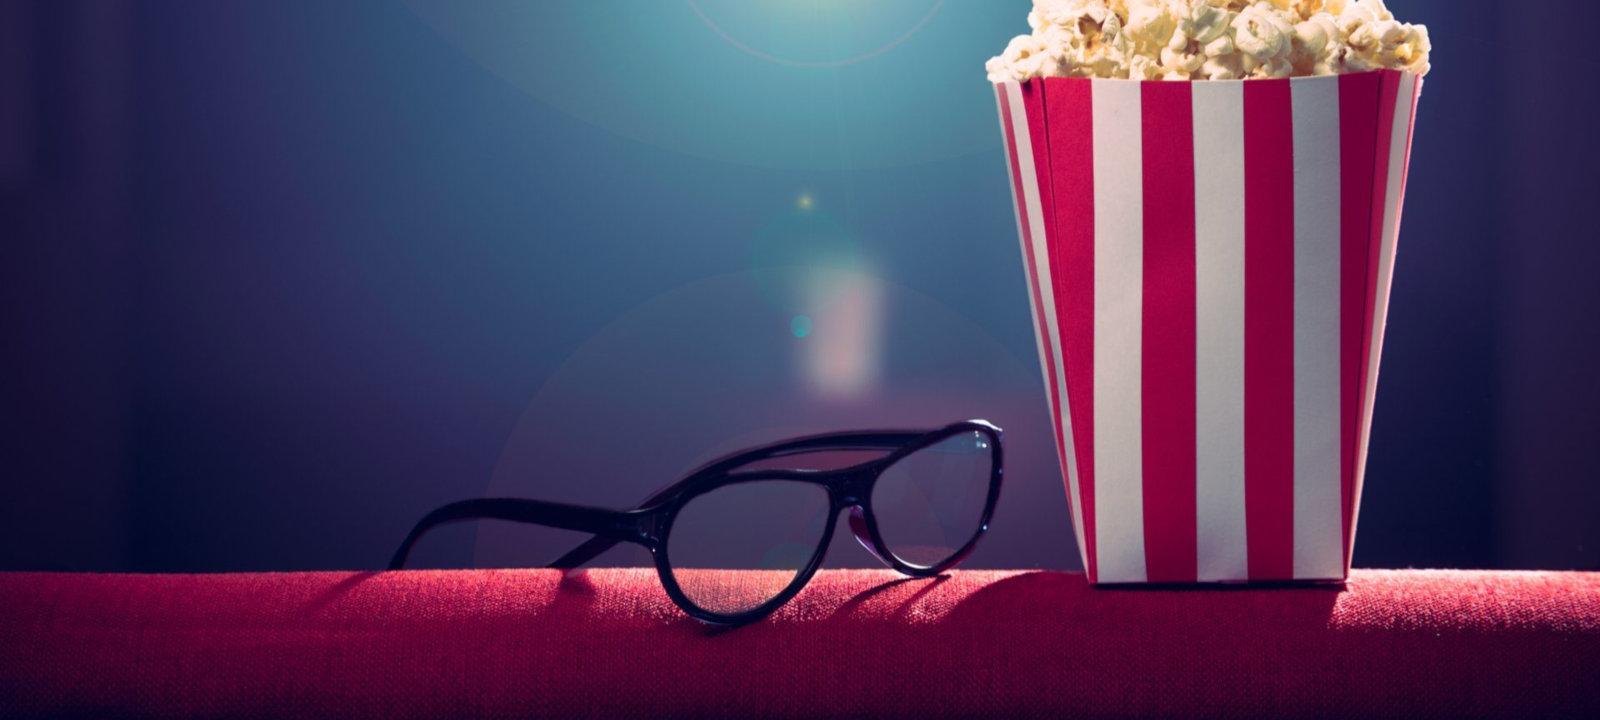 Минкульт предлагает останавливать на два месяца прокат фильмов при ошибках в субтитрах на казахском языке